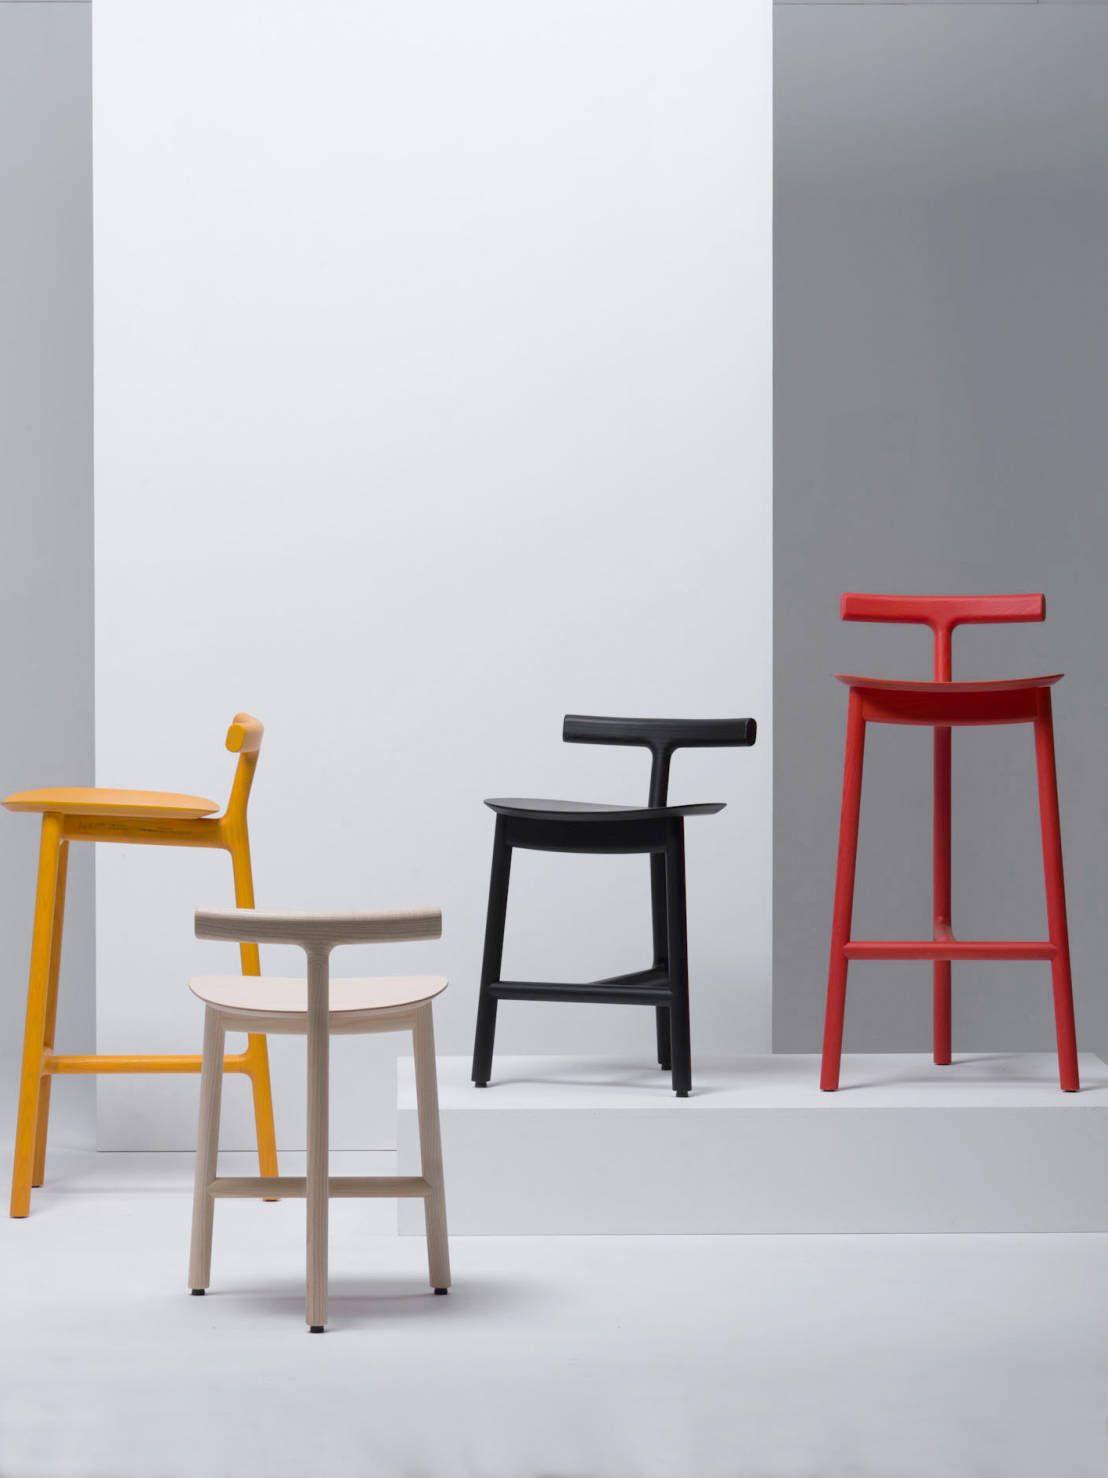 10 sedie moderne per la cucina che vorrai subito a casa tua in 2019 ...